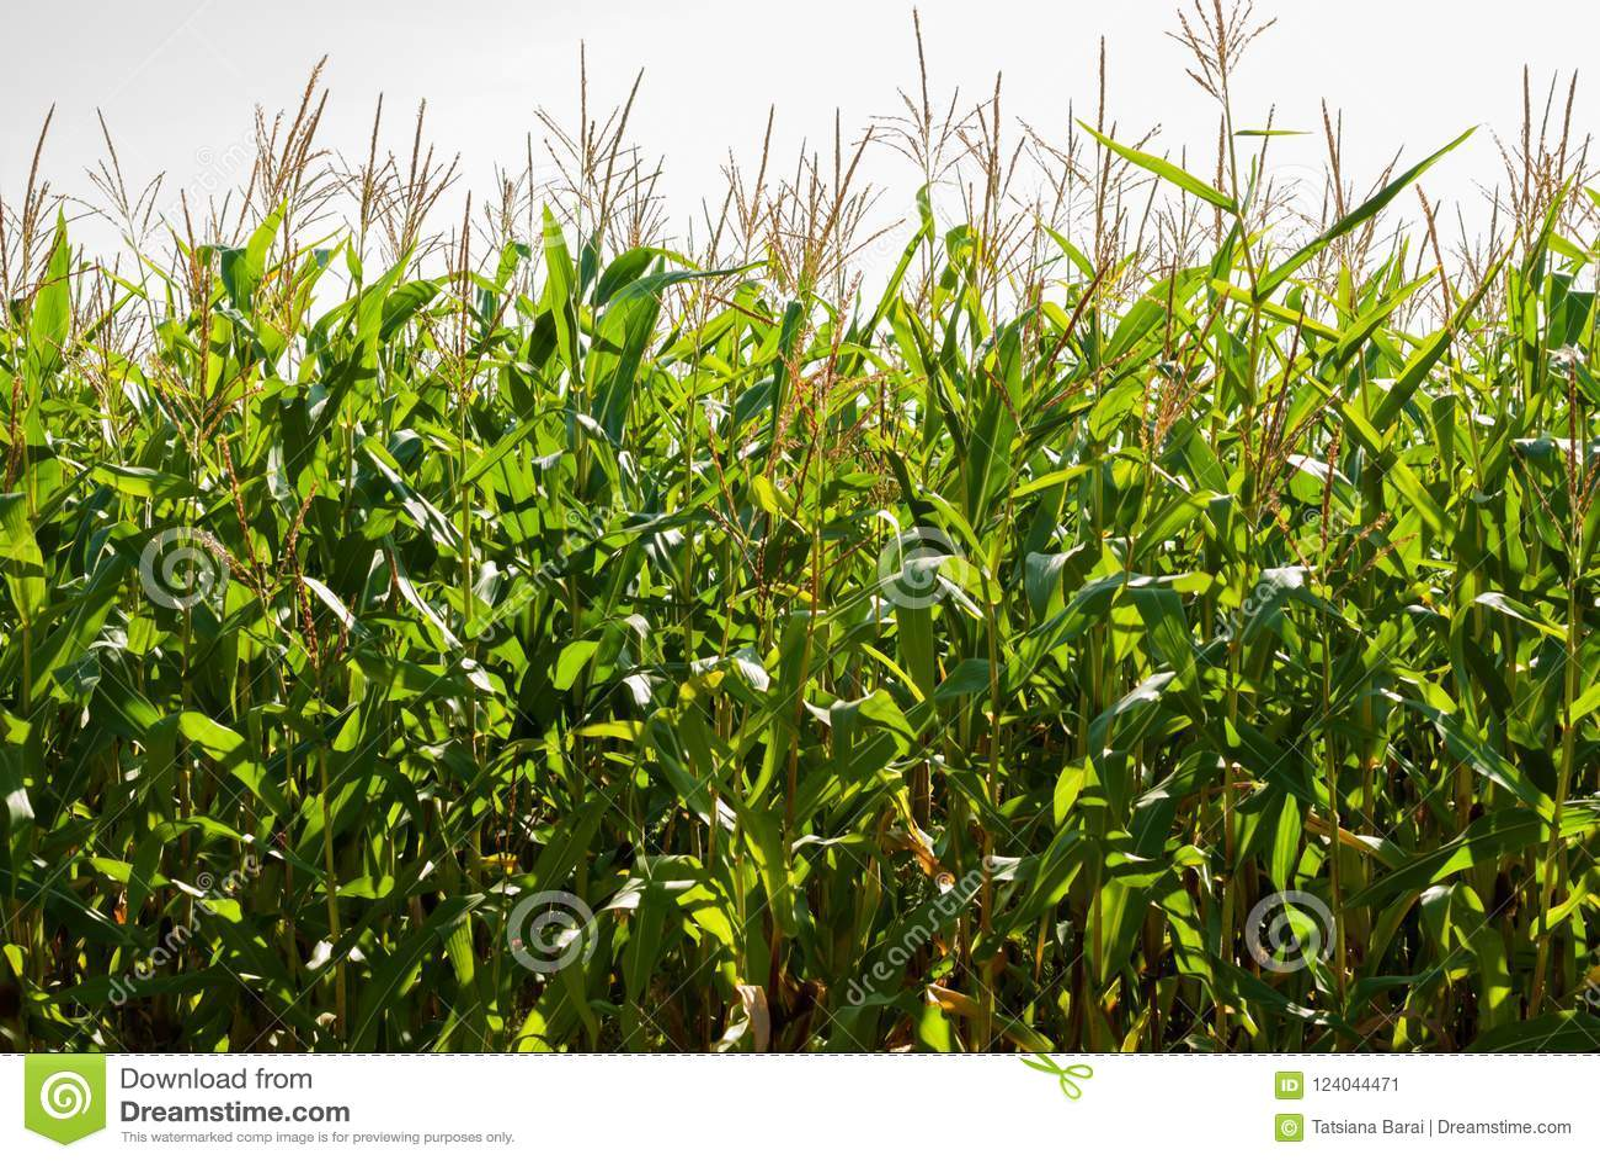 Maisfeld an einem sonnigen Tag am Ende des Sommers